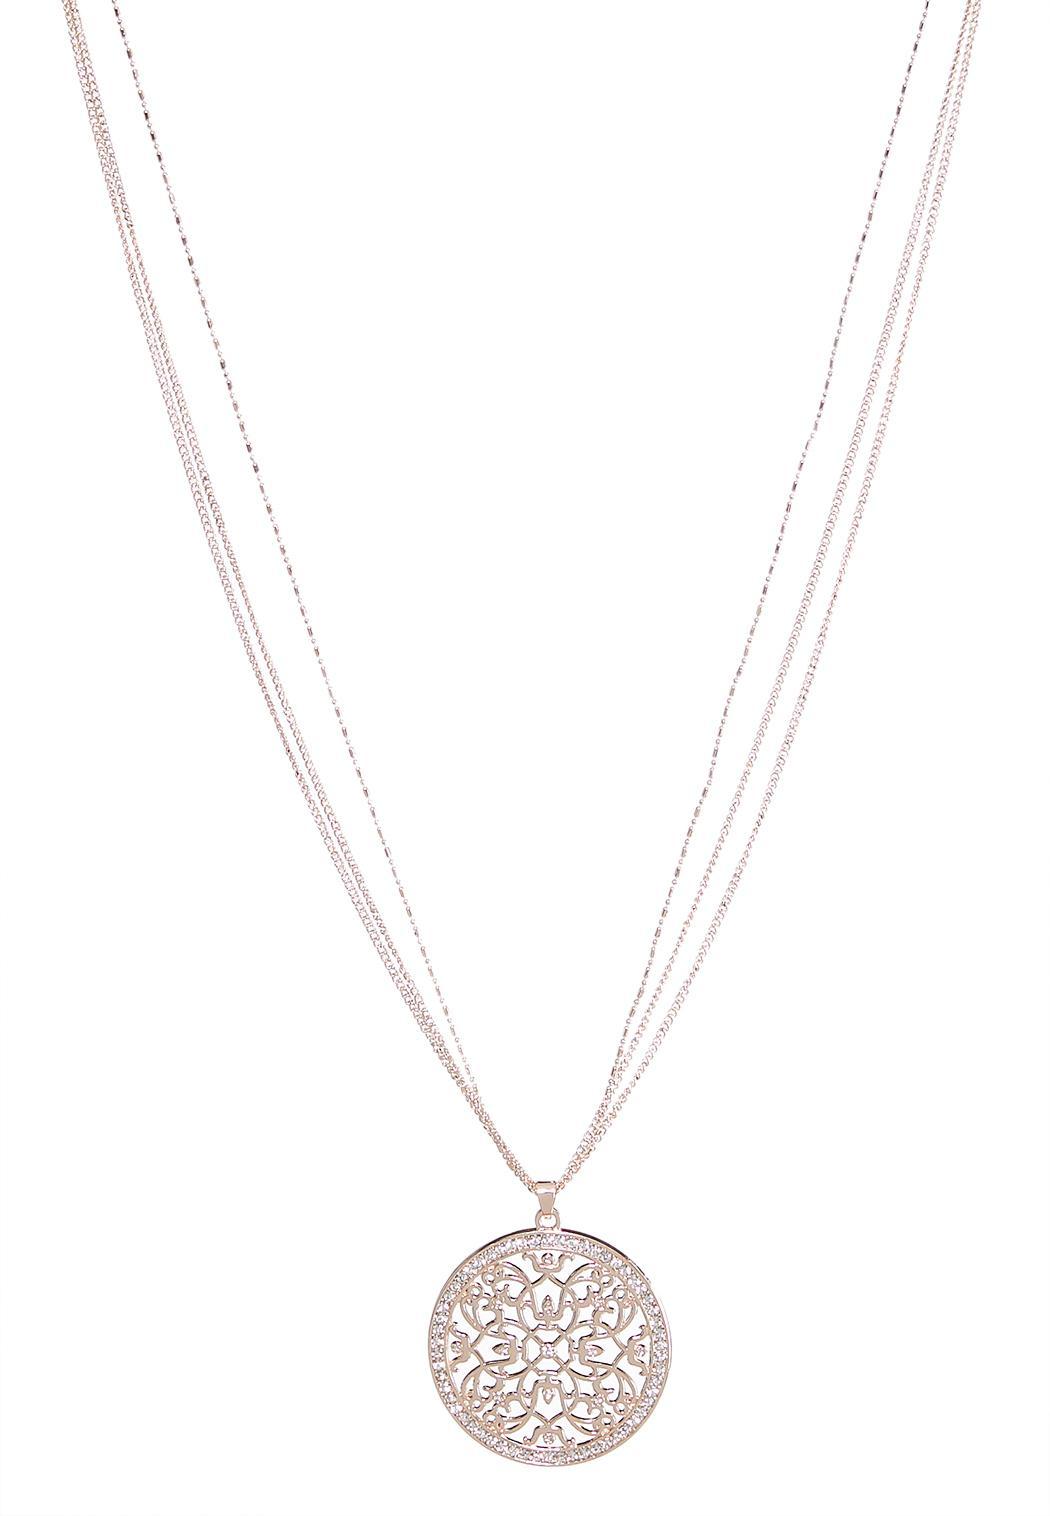 Rhinestone circle pendant necklace necklaces cato fashions rhinestone circle pendant necklace aloadofball Choice Image